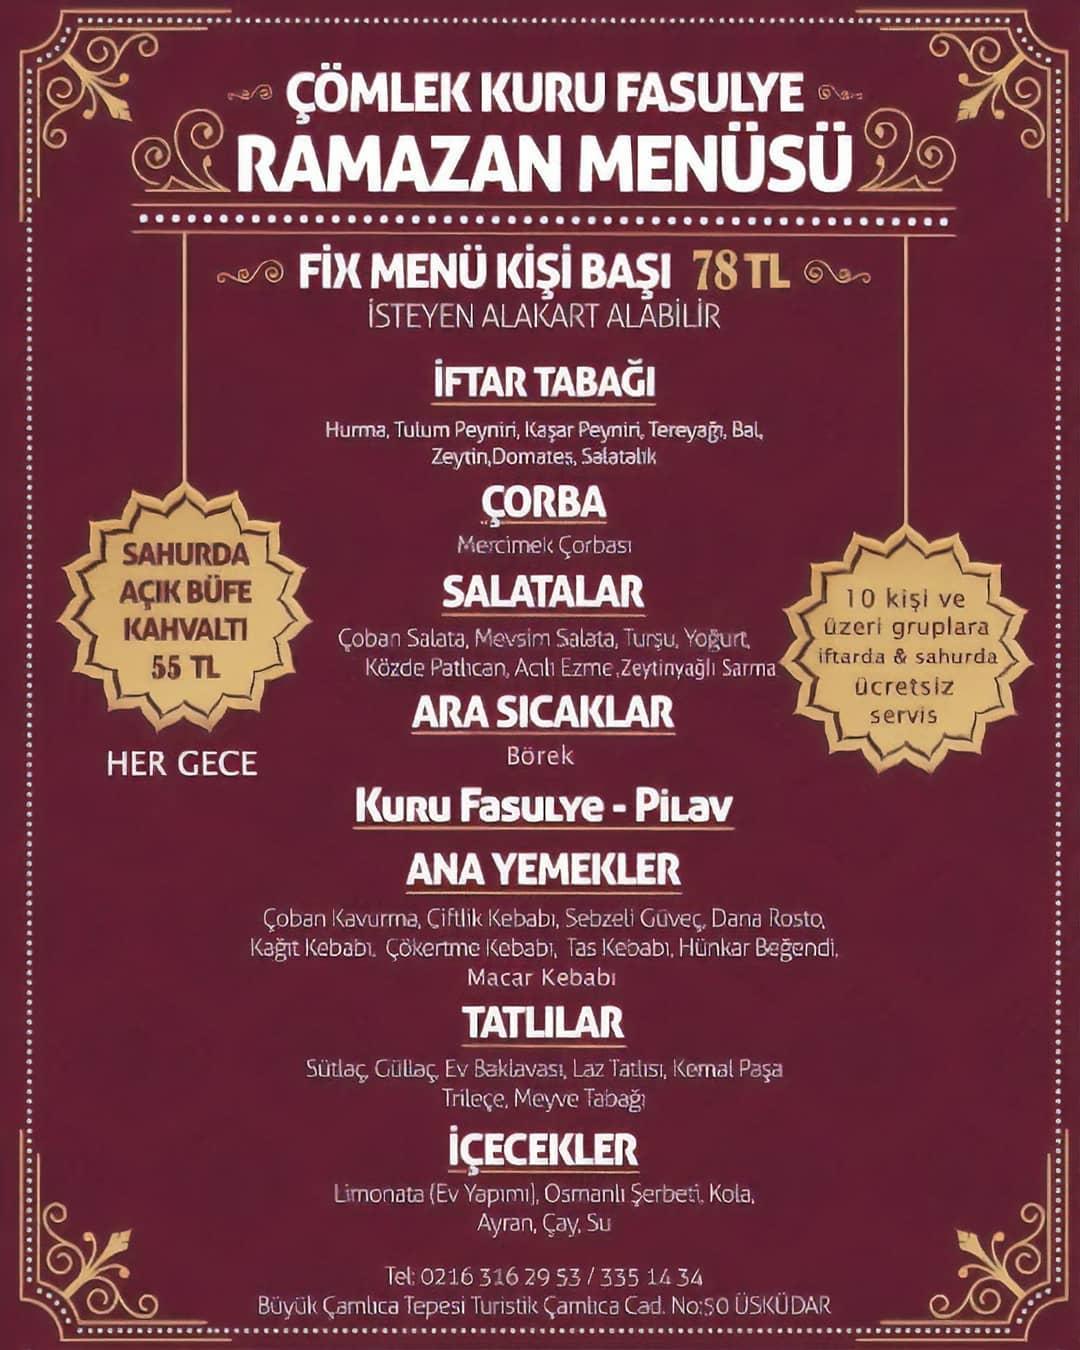 üsküdar iftar mekanları 2019 çamlıca iftar menüsü anadolu yakası iftar yapılacak yerler